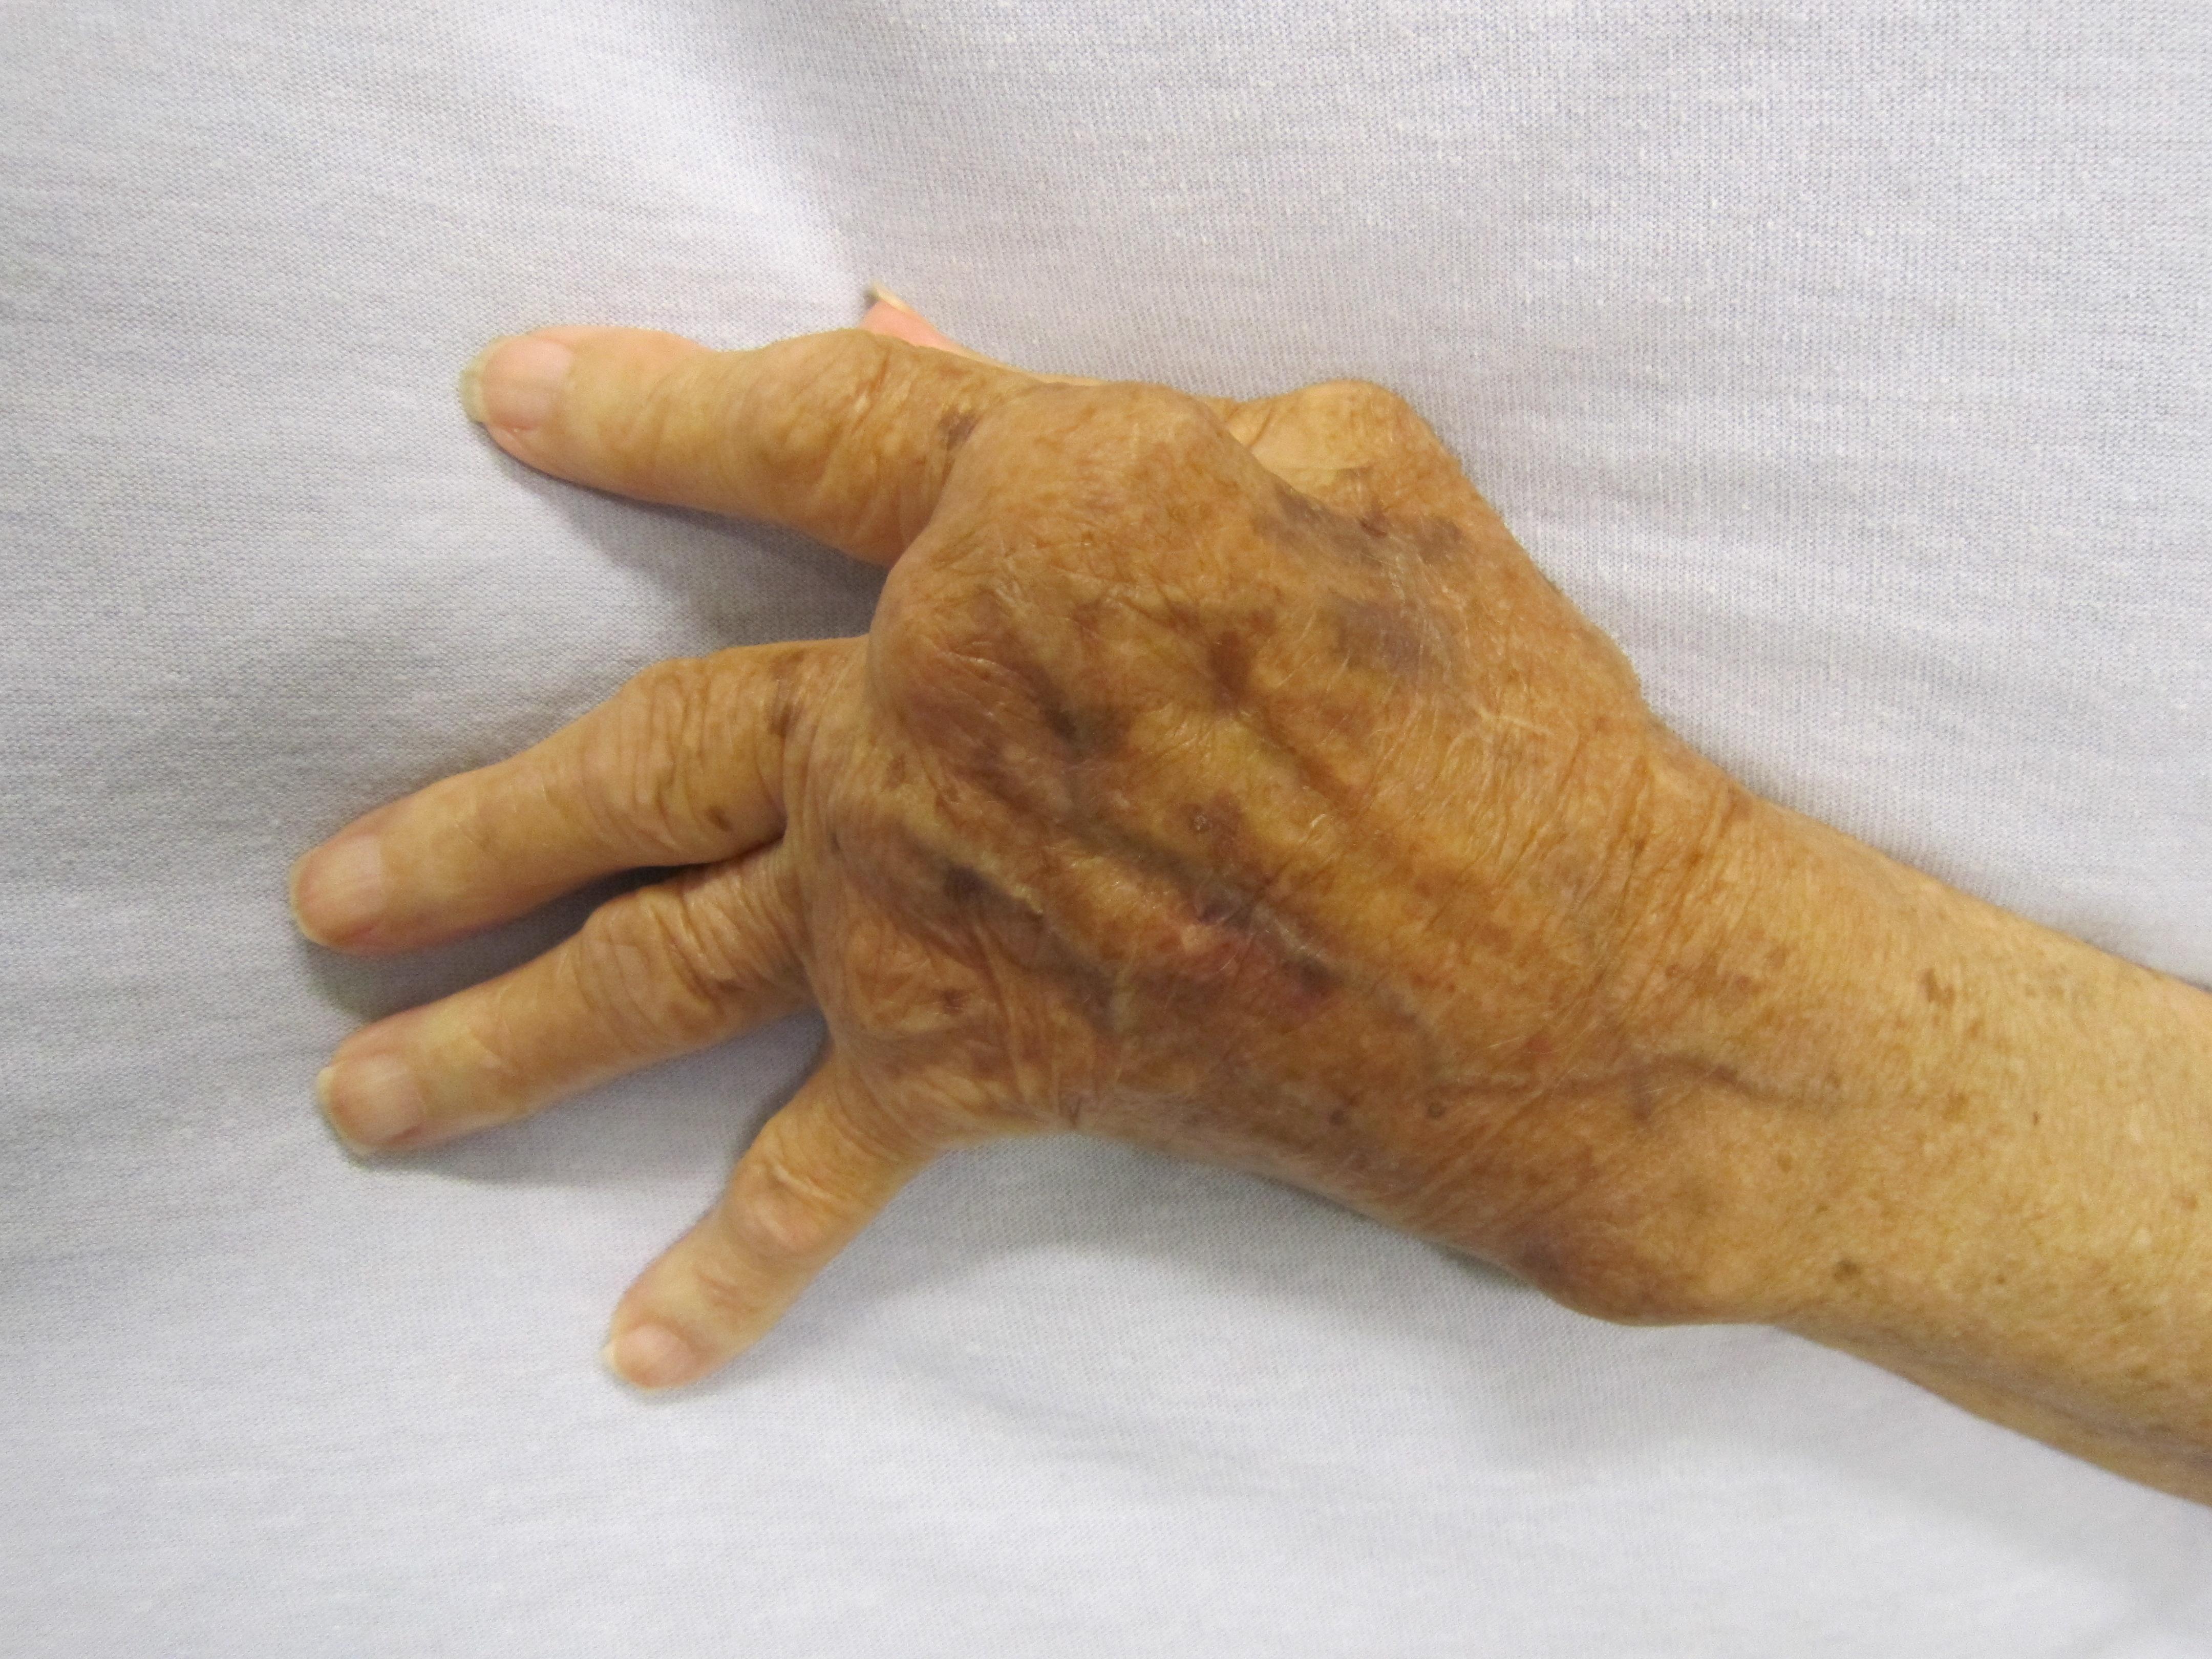 hogyan lehet kezelni a rheumatoid arthritis gyógyszereket)